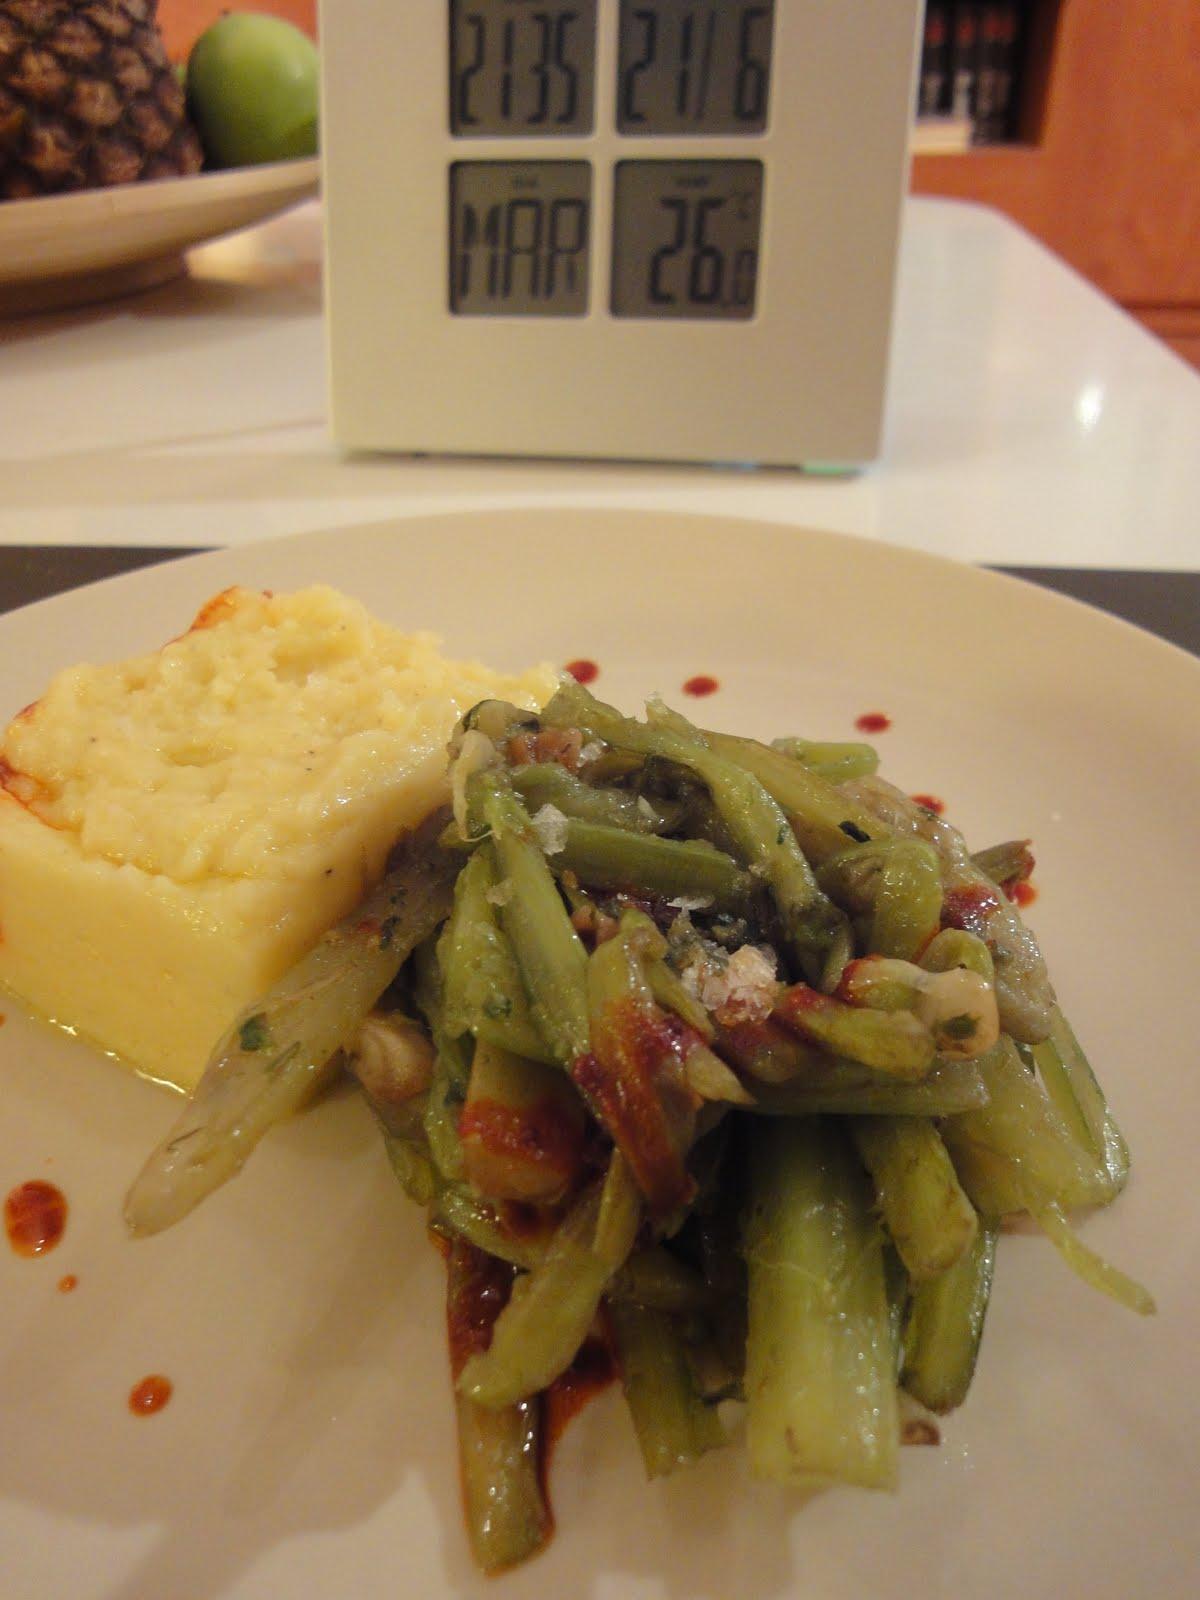 Clases de cocina zaragoza borraja con ajos y pur de patata - Cursos de cocina zaragoza ...